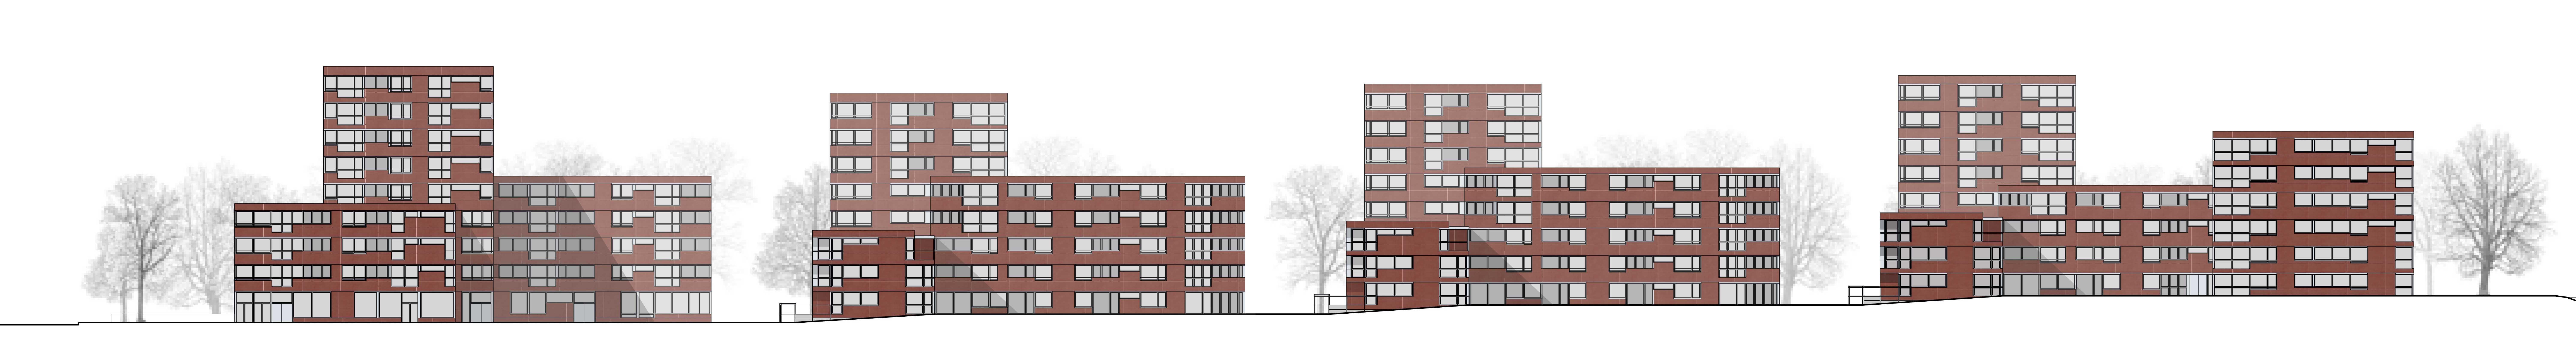 306Lattenbach Rapperswil-Jona